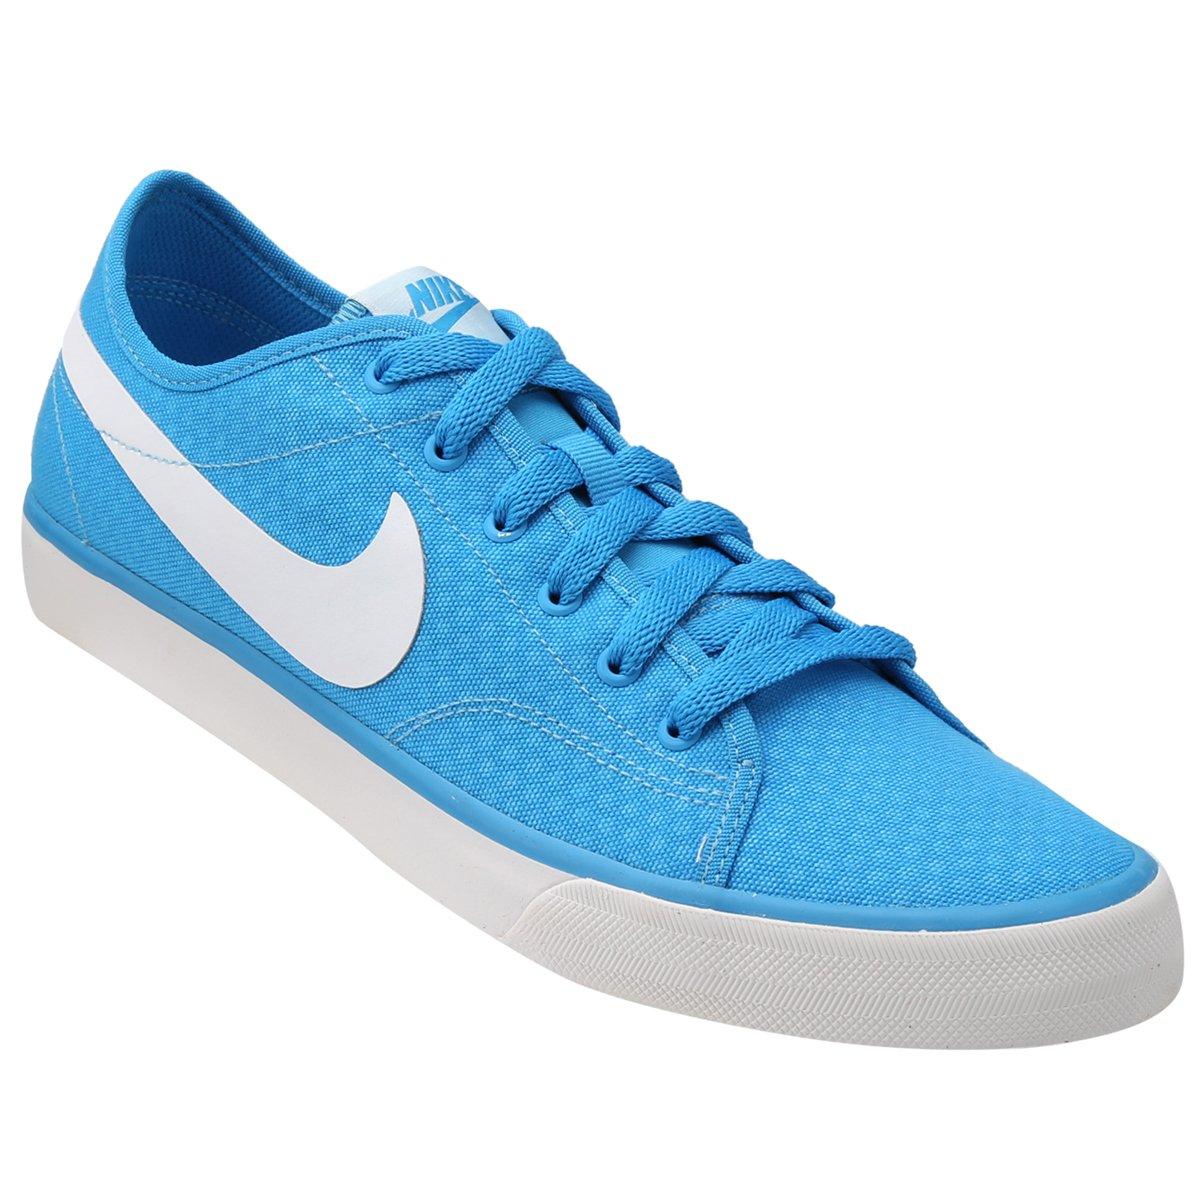 90daf44066 Tênis Nike Primo Court Canvas - Compre Agora